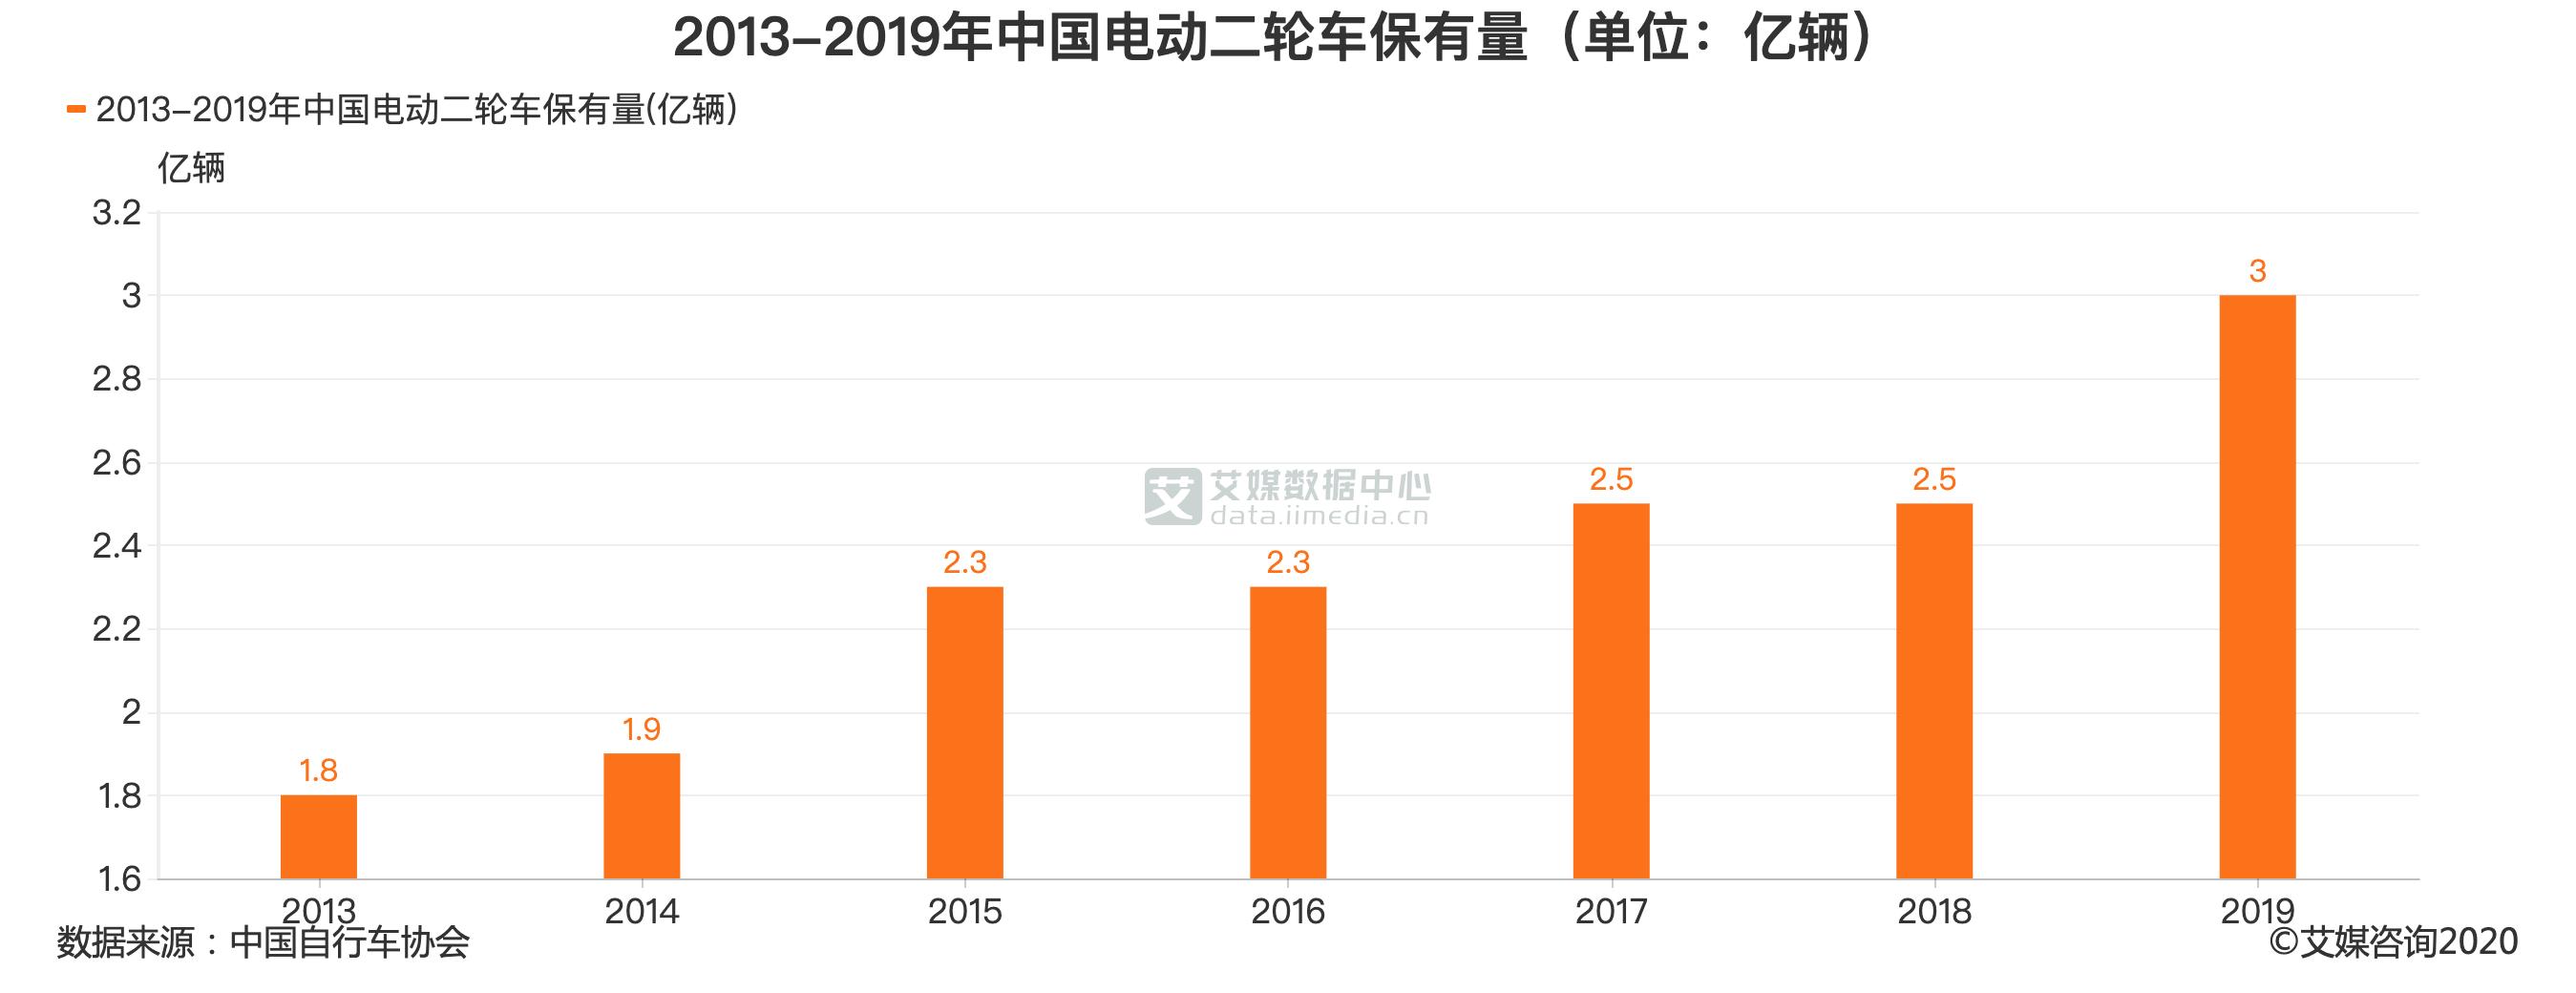 2013-2019年中国电动二轮车保有量(单位:亿辆)